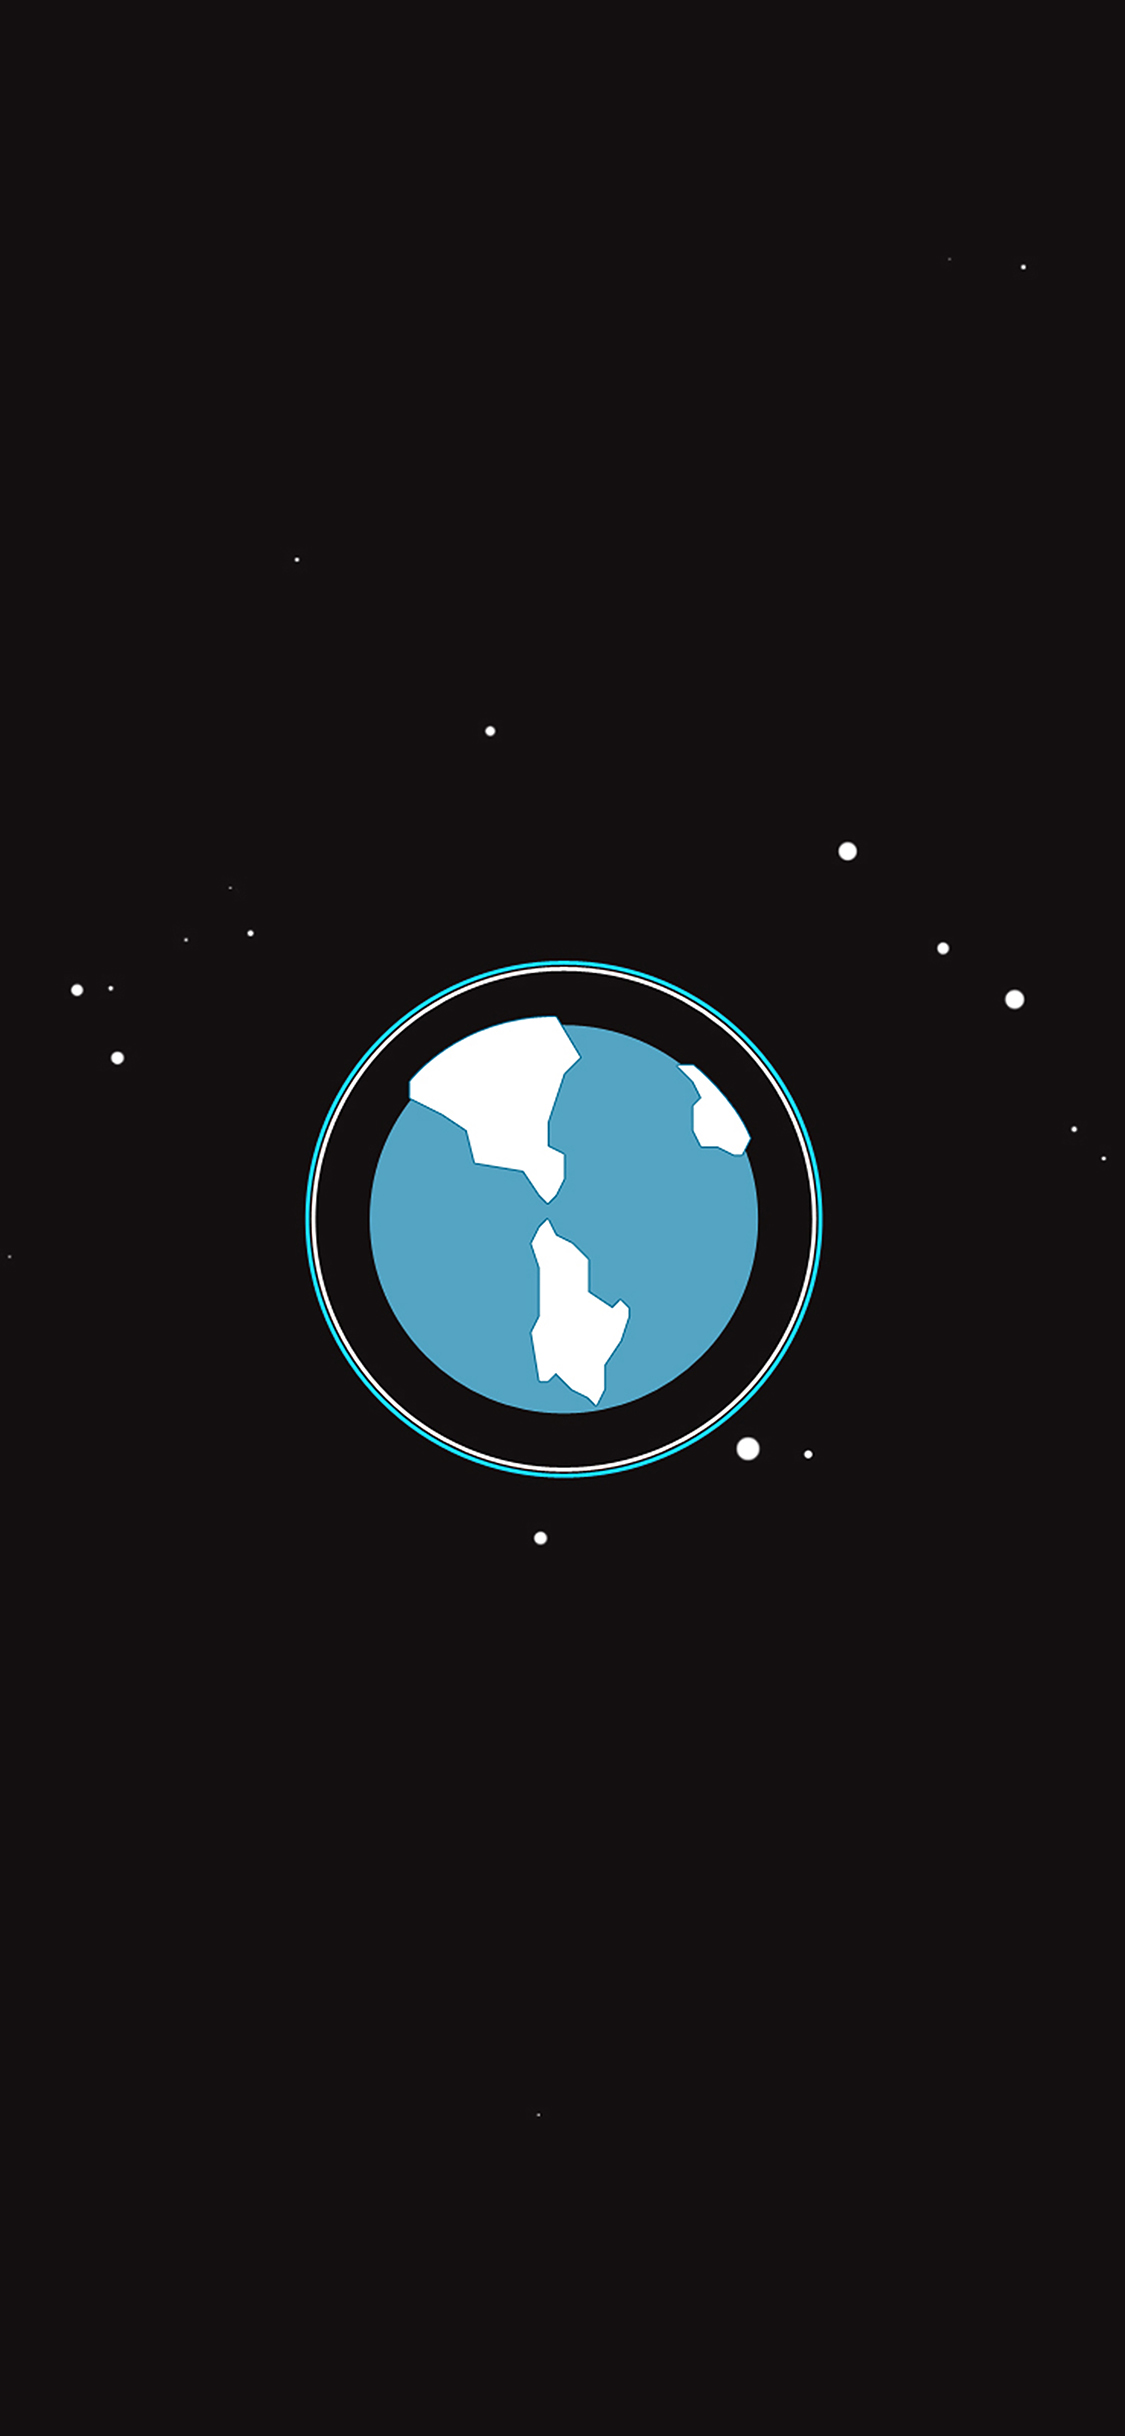 Iphonexpapers Com Iphone X Wallpaper Ah17 Earth Planet Minimal